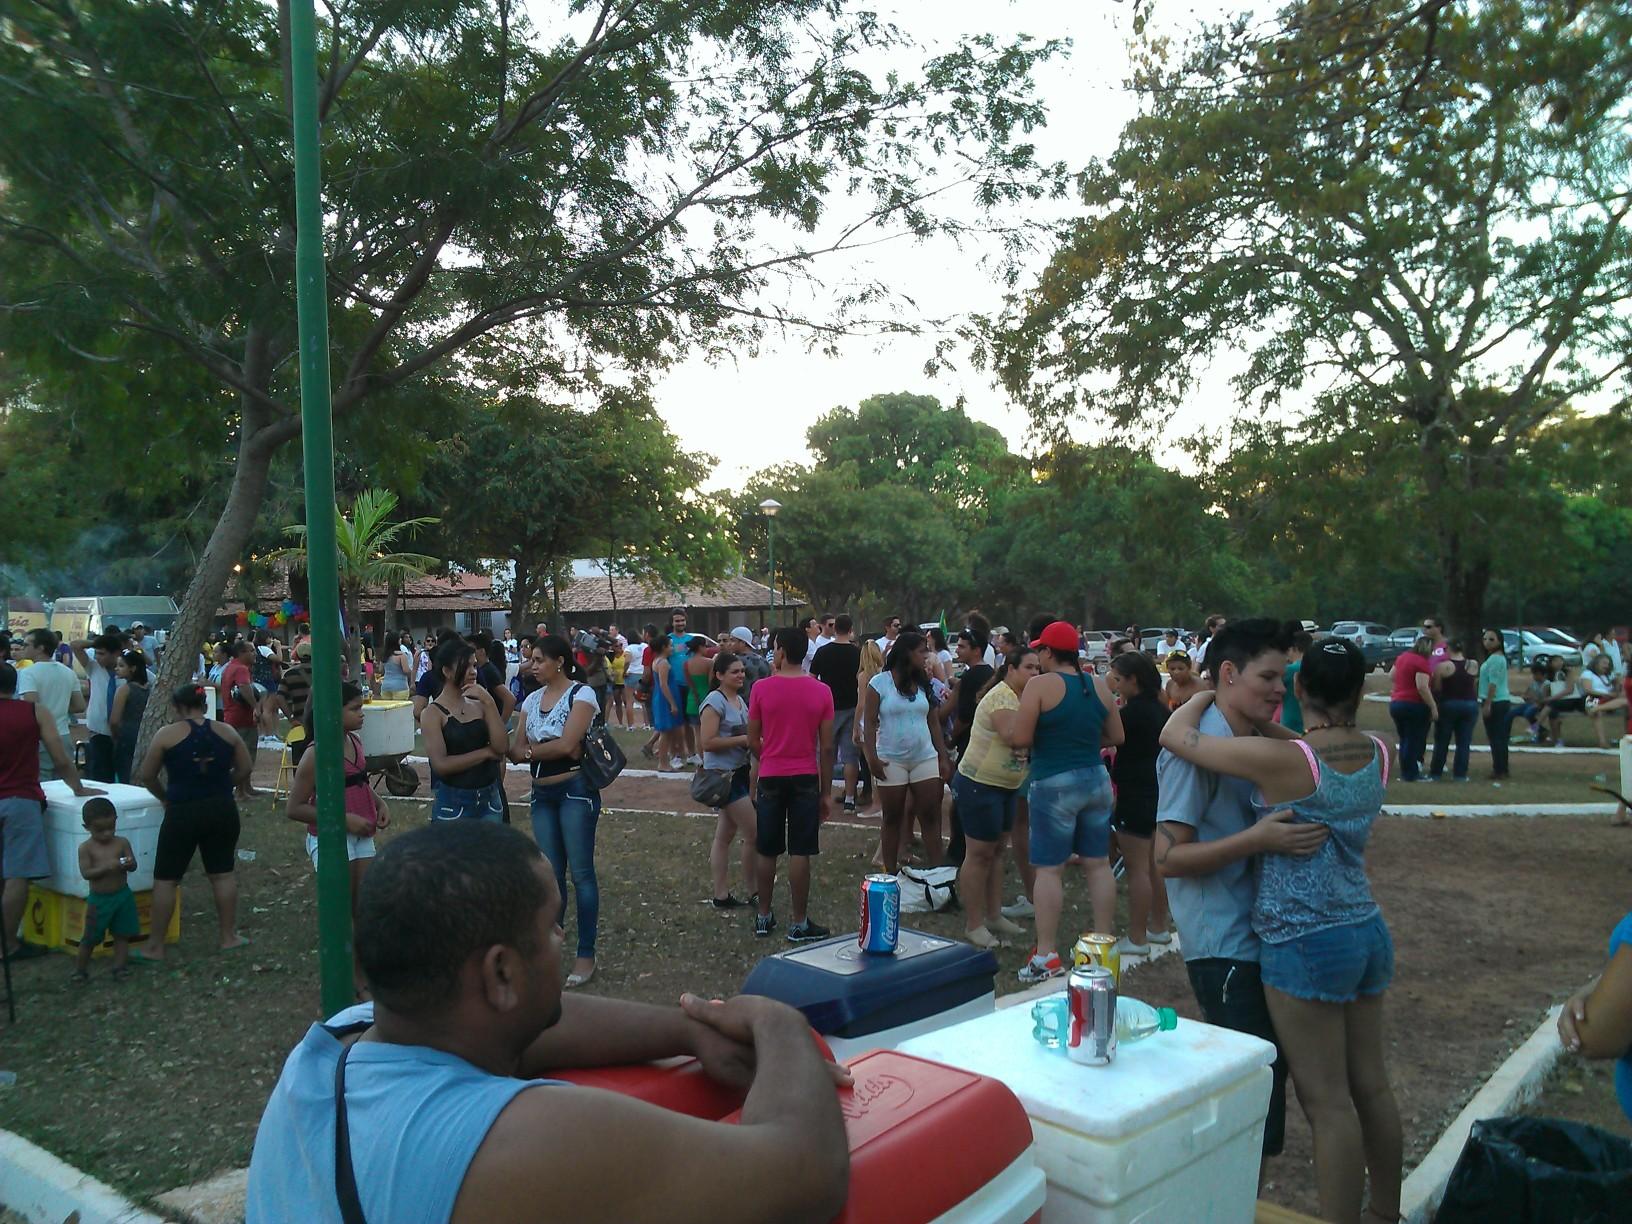 Inicio da concentração no Parque Cesamar para 10º Parada da Diversidade